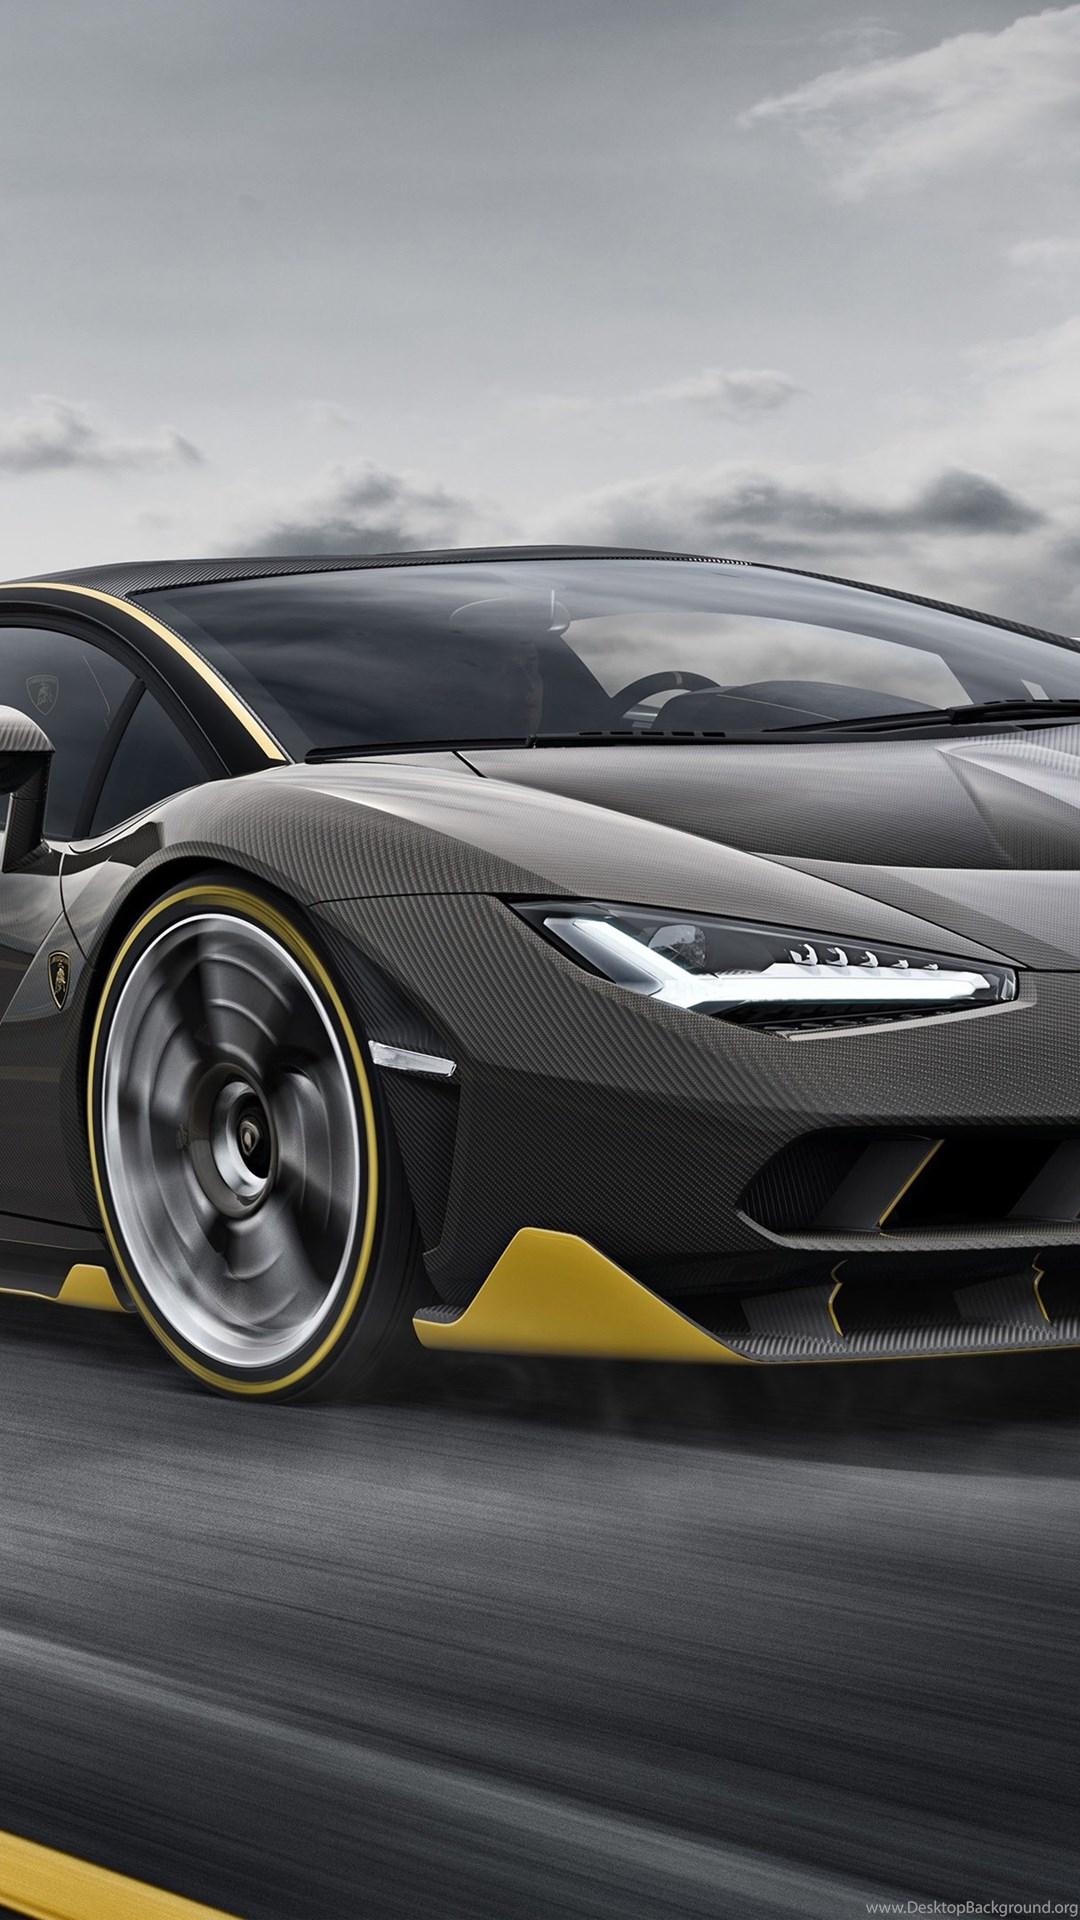 Lamborghini Wallpapers Desktop Background